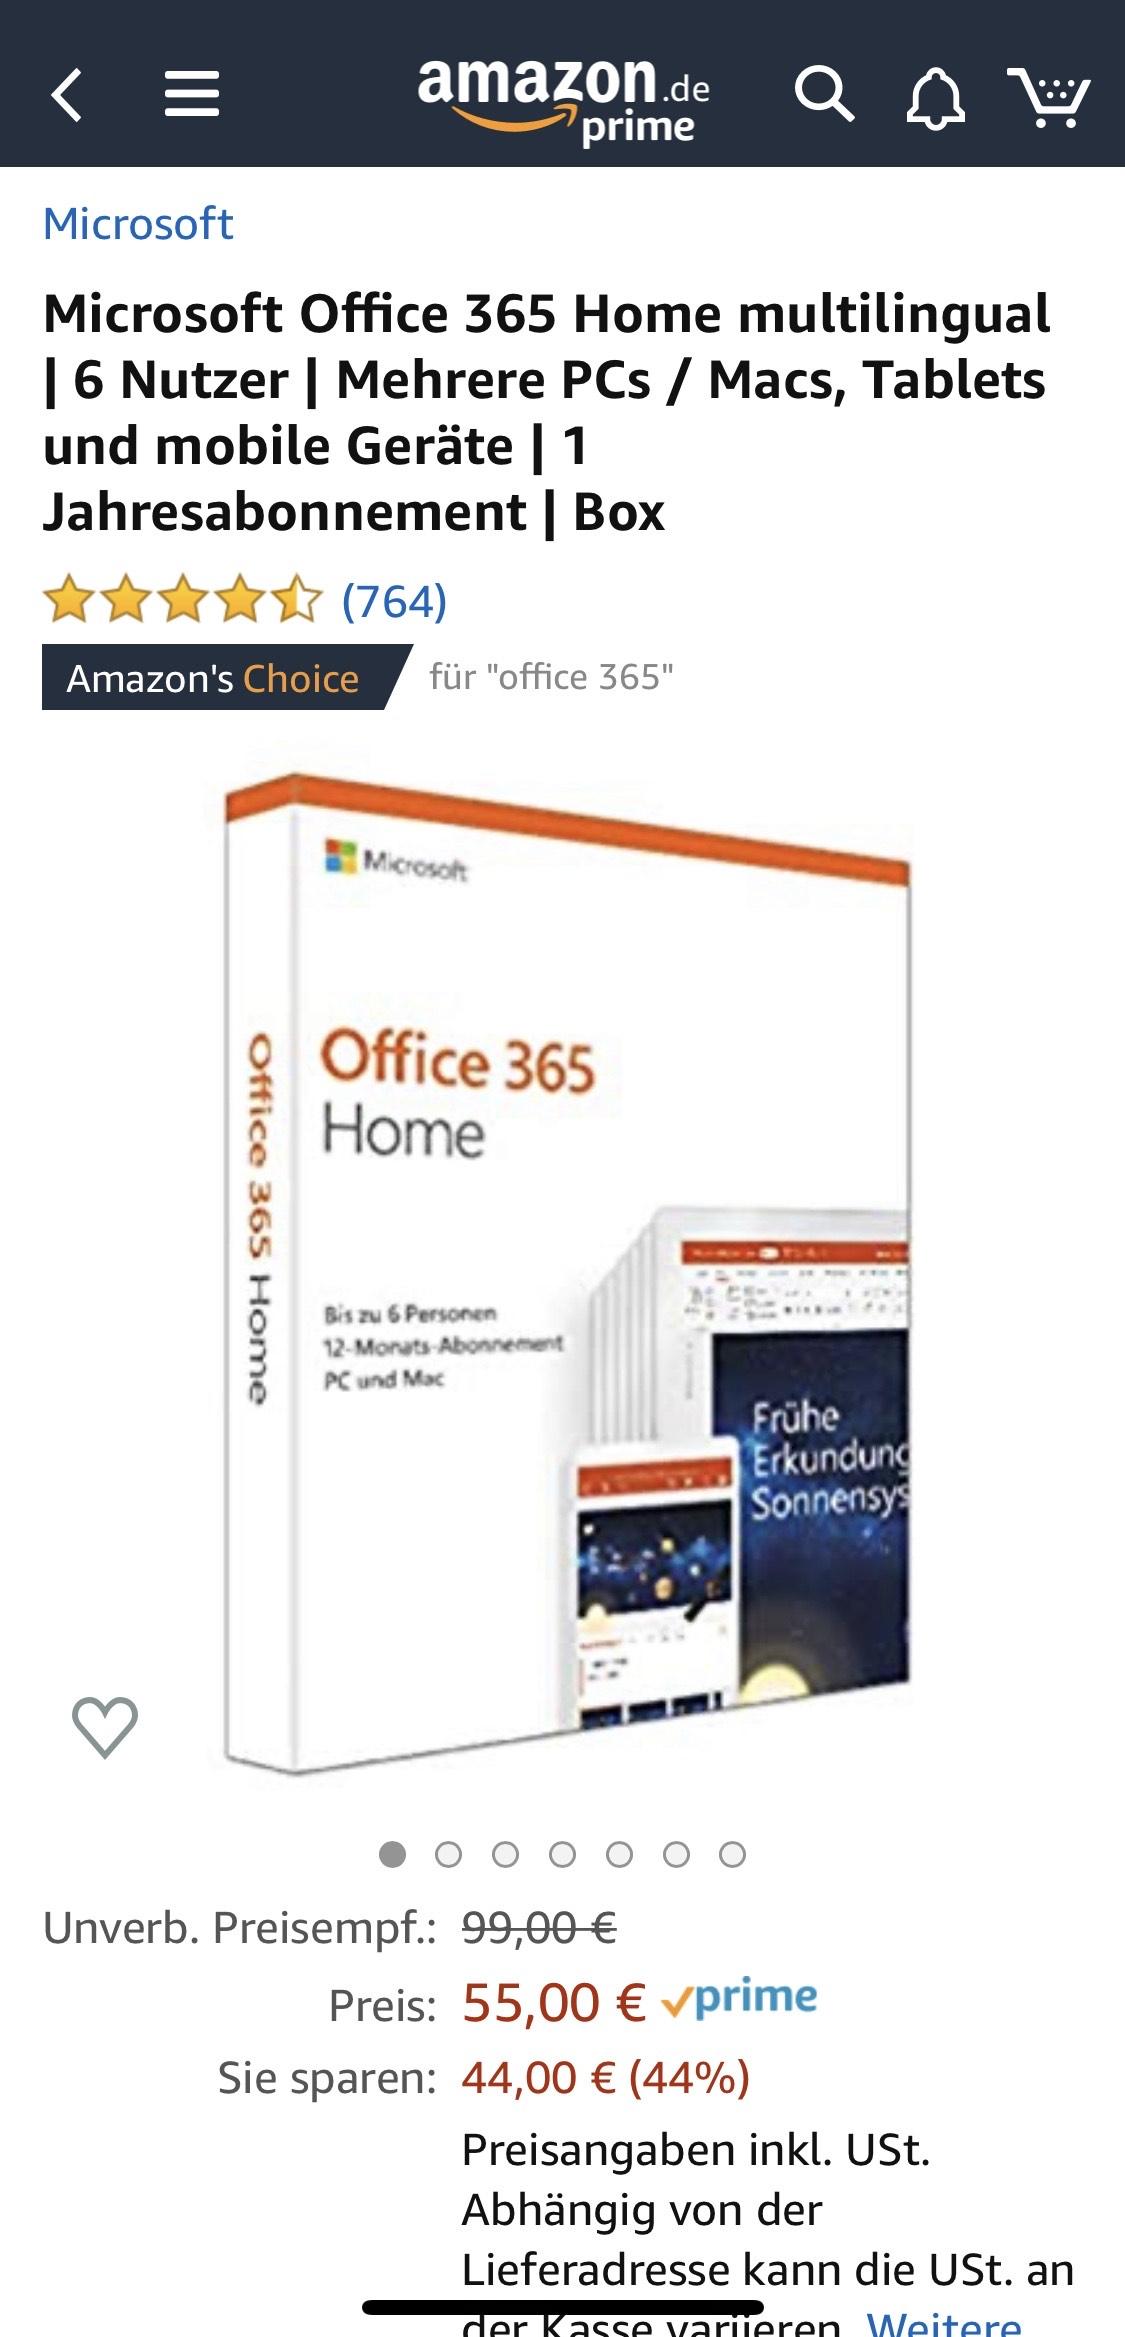 Microsoft Office 365 Home für 55€ bei Amazon